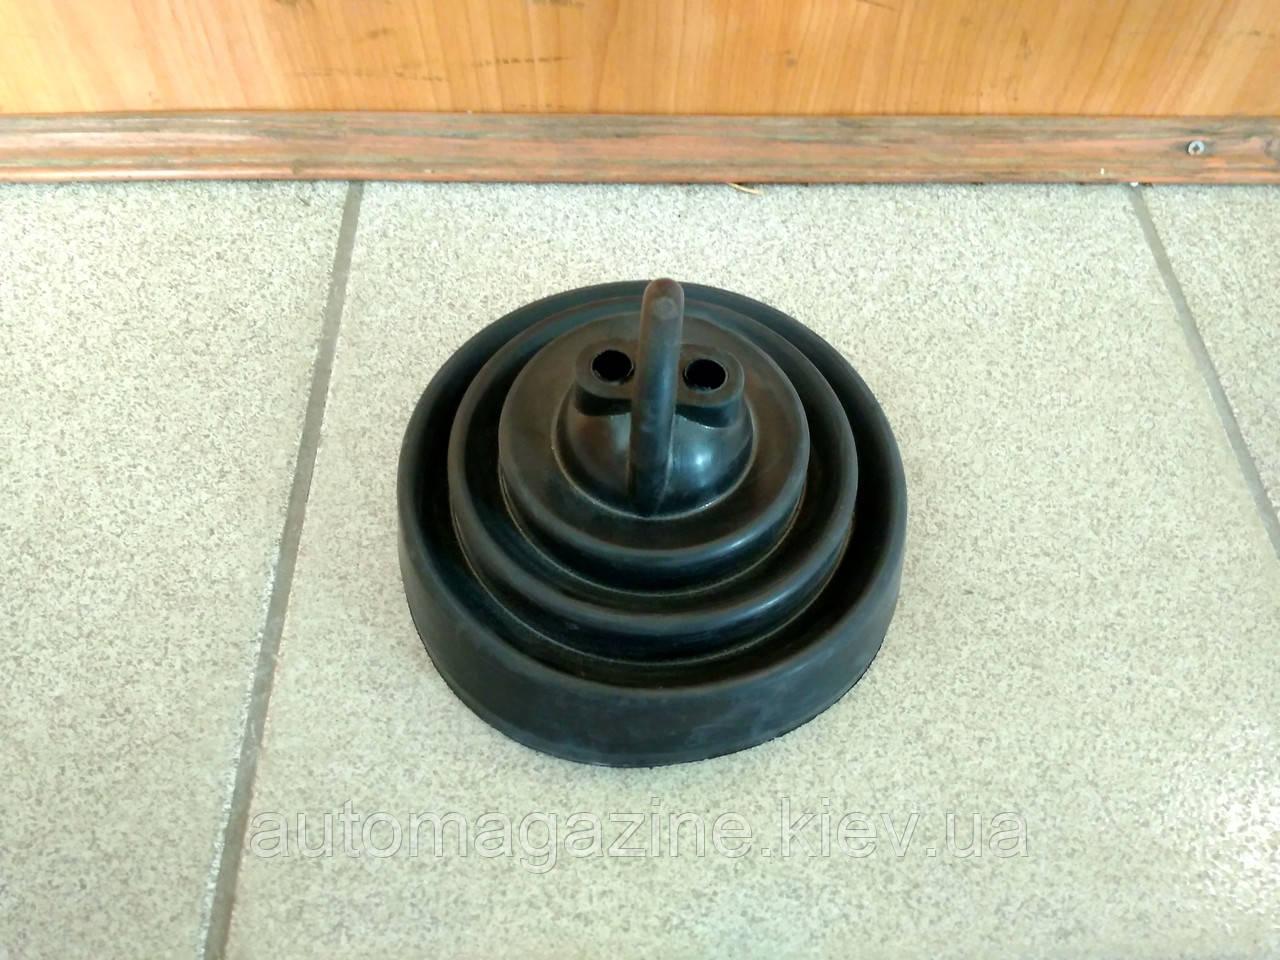 Пыльник (чехол) раздаточной коробки УАЗ